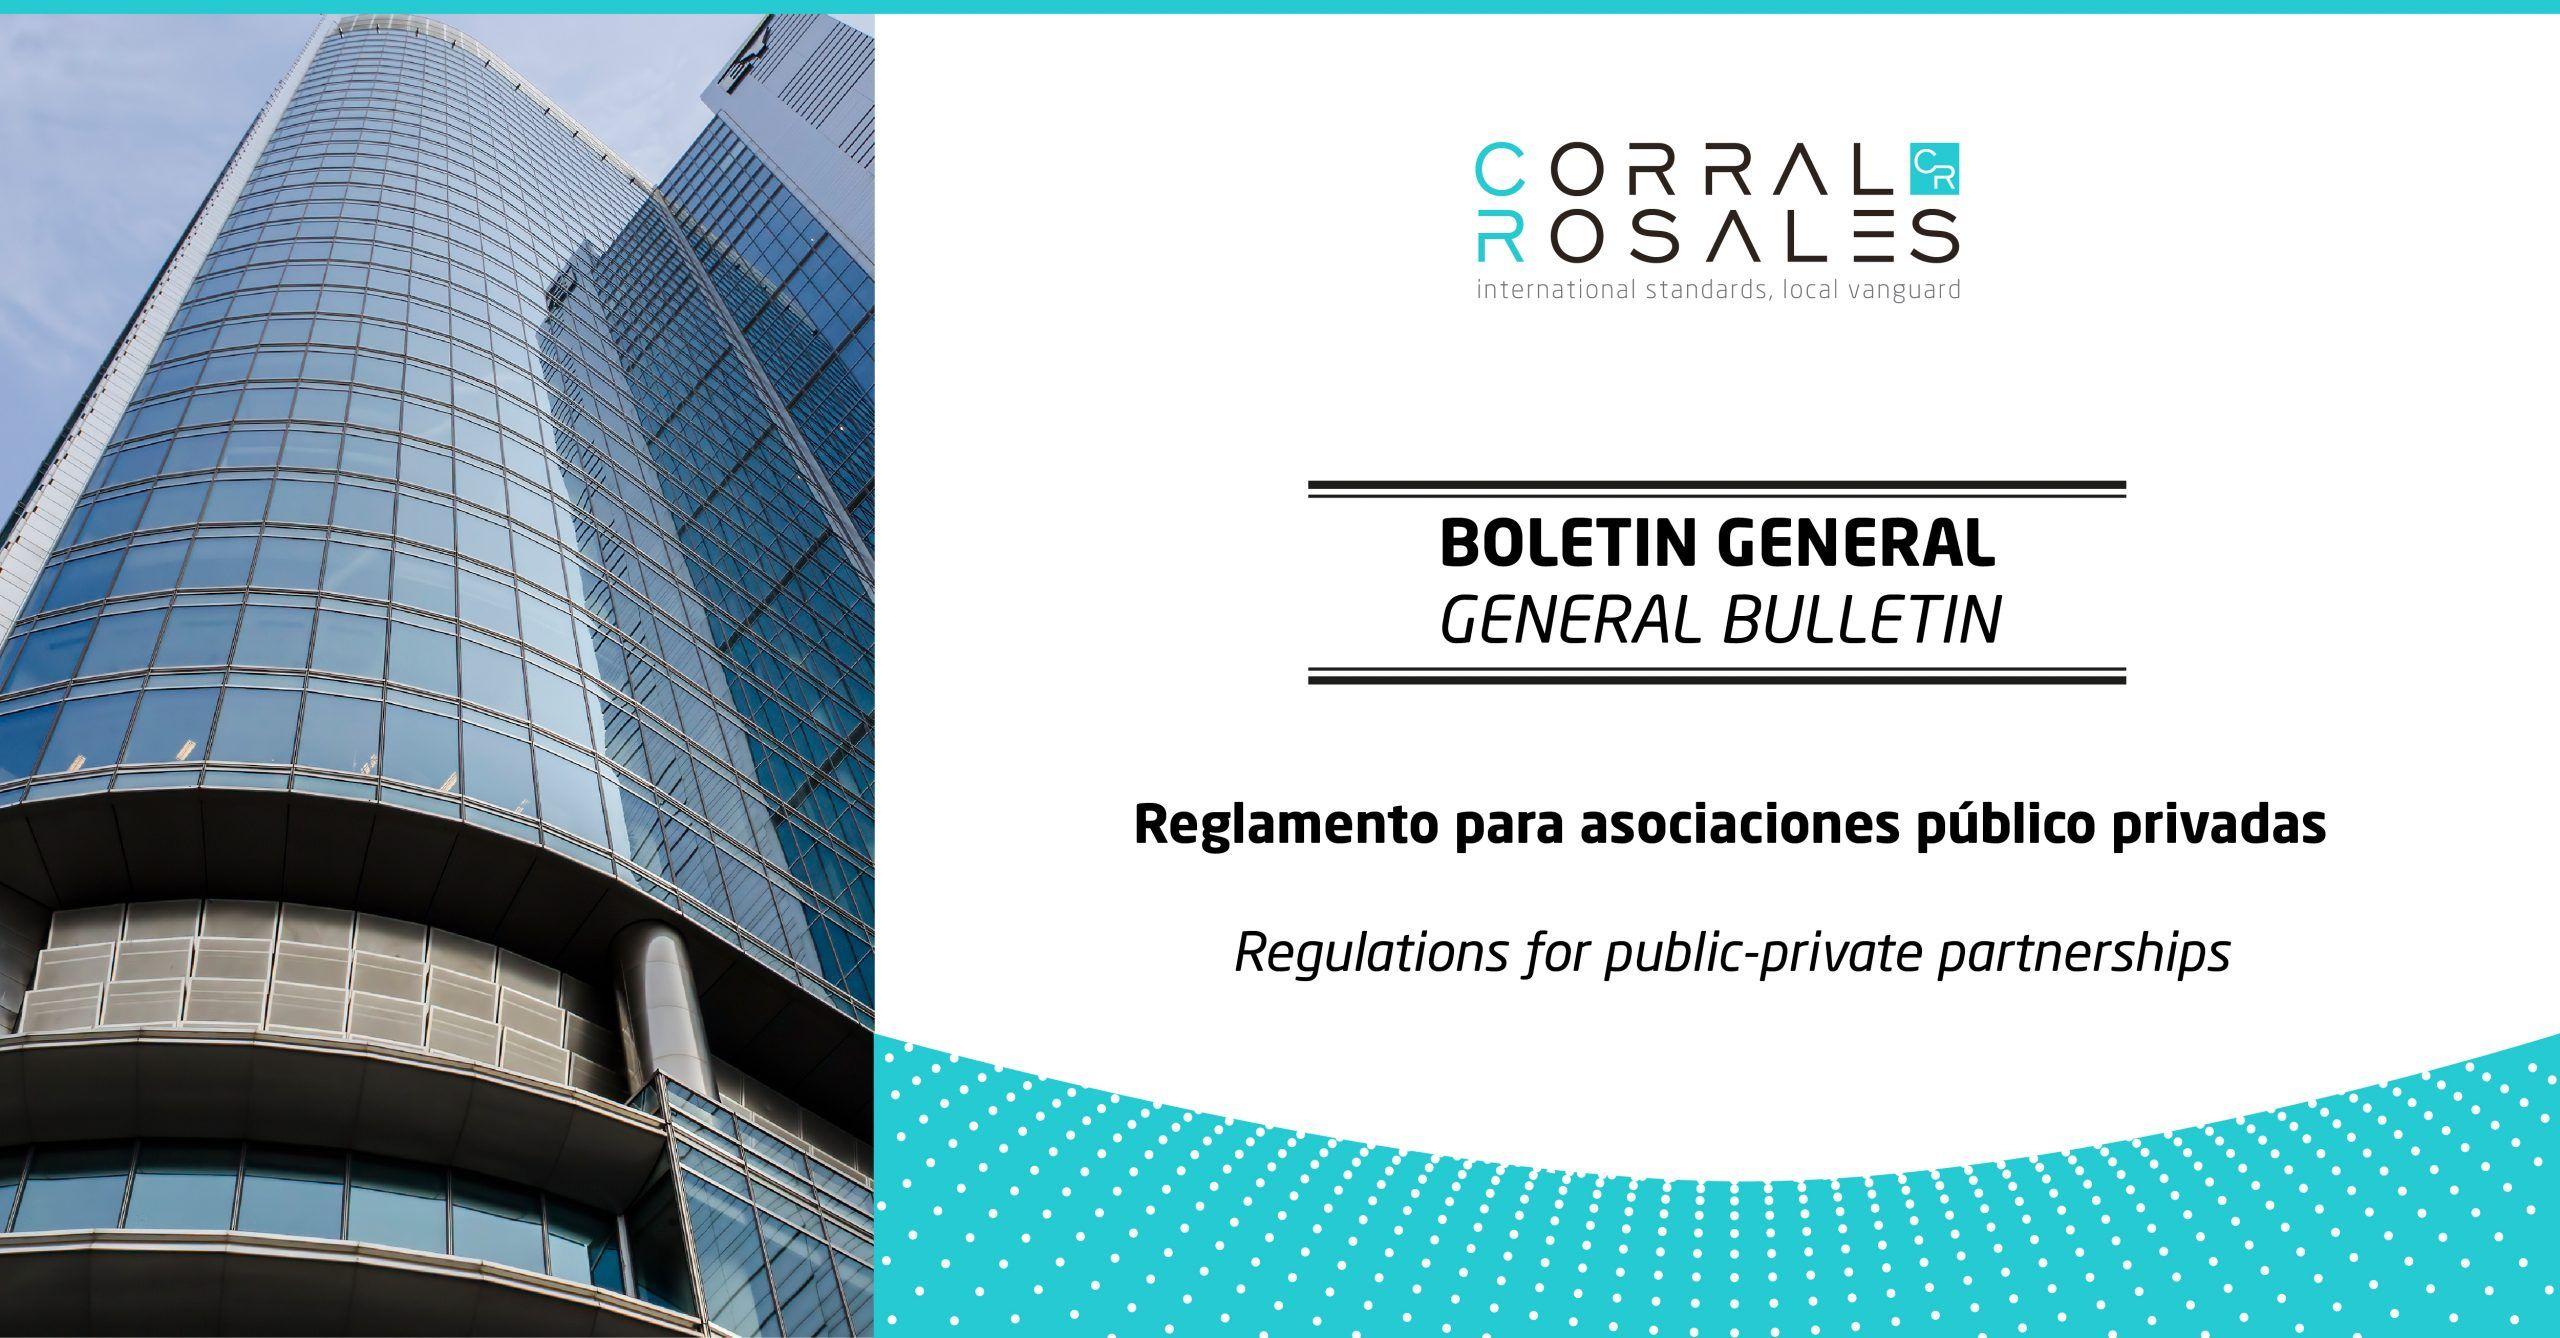 corral-rosales-abogados-ecuador-reglamento-para-asociaciones-publico-privadas